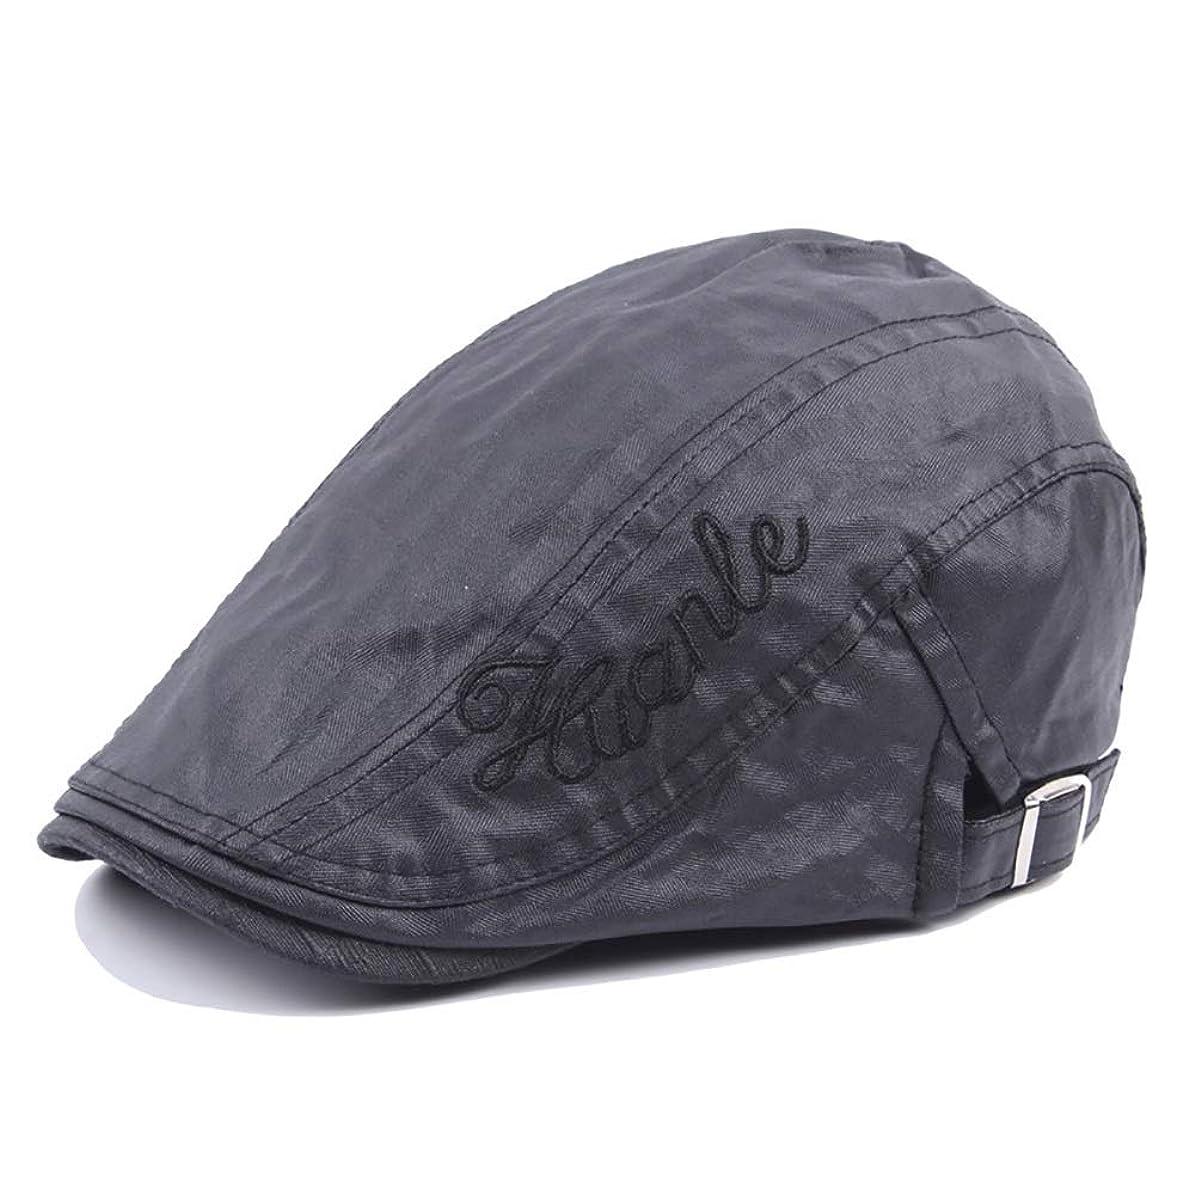 スプレーポジティブ力LULIJP キャスケット 鳥打帽 メンズ サイズ調整可 旅行 快適 ポリエステル ハンチング シンプル 55-61cm ハット